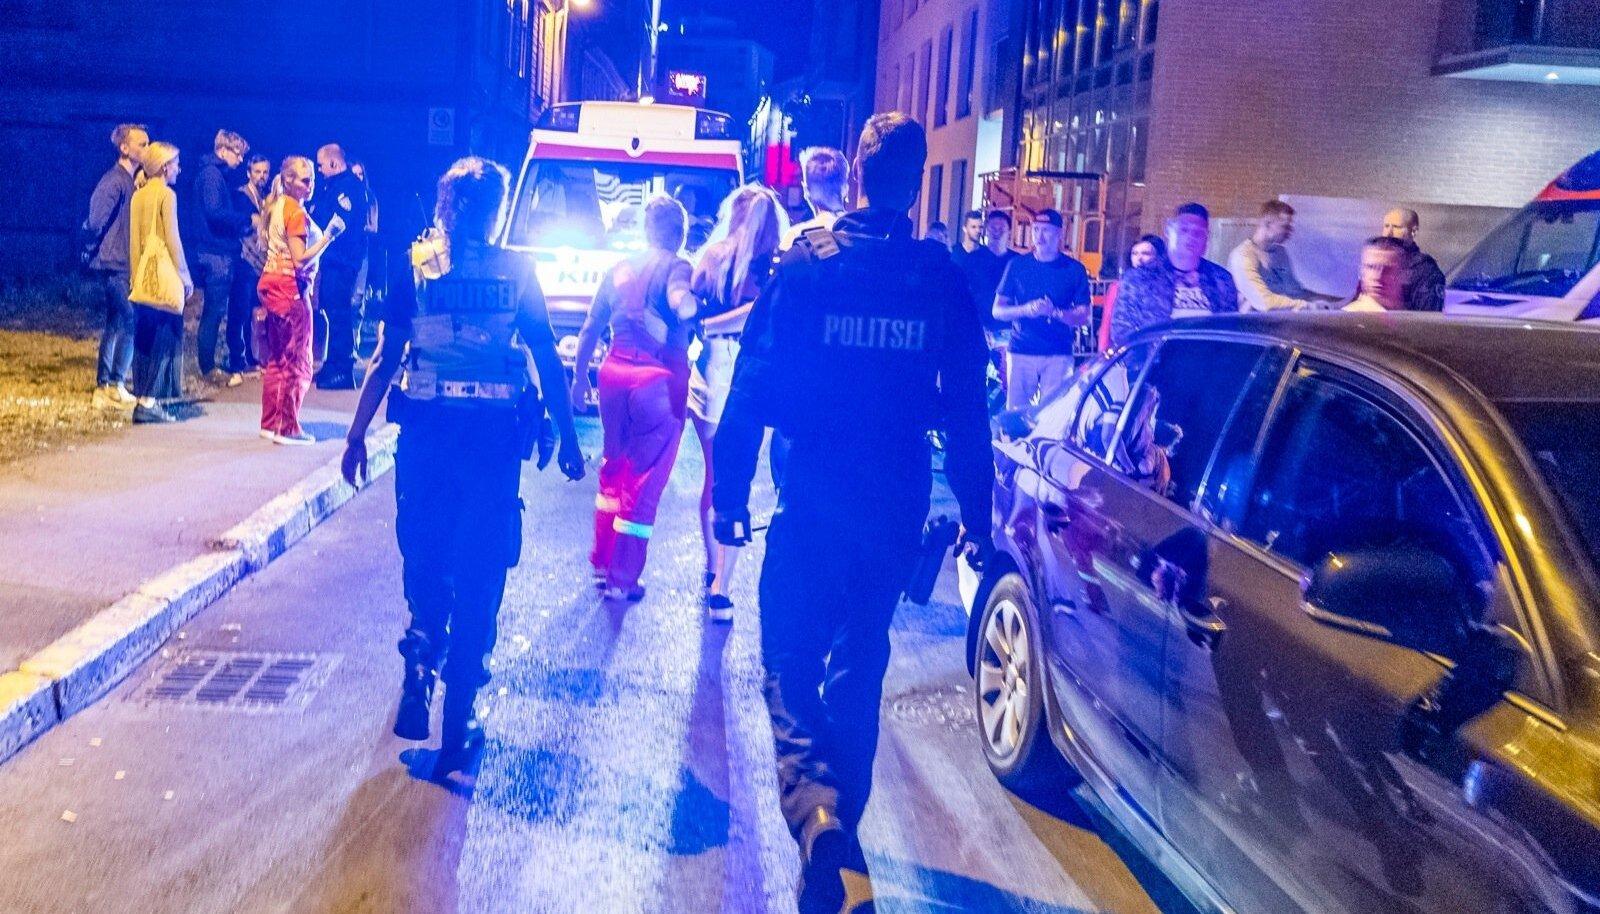 Weekendi ajal oli politseil palju tööd nii festivali alal kui kogu Pärnu linnas.